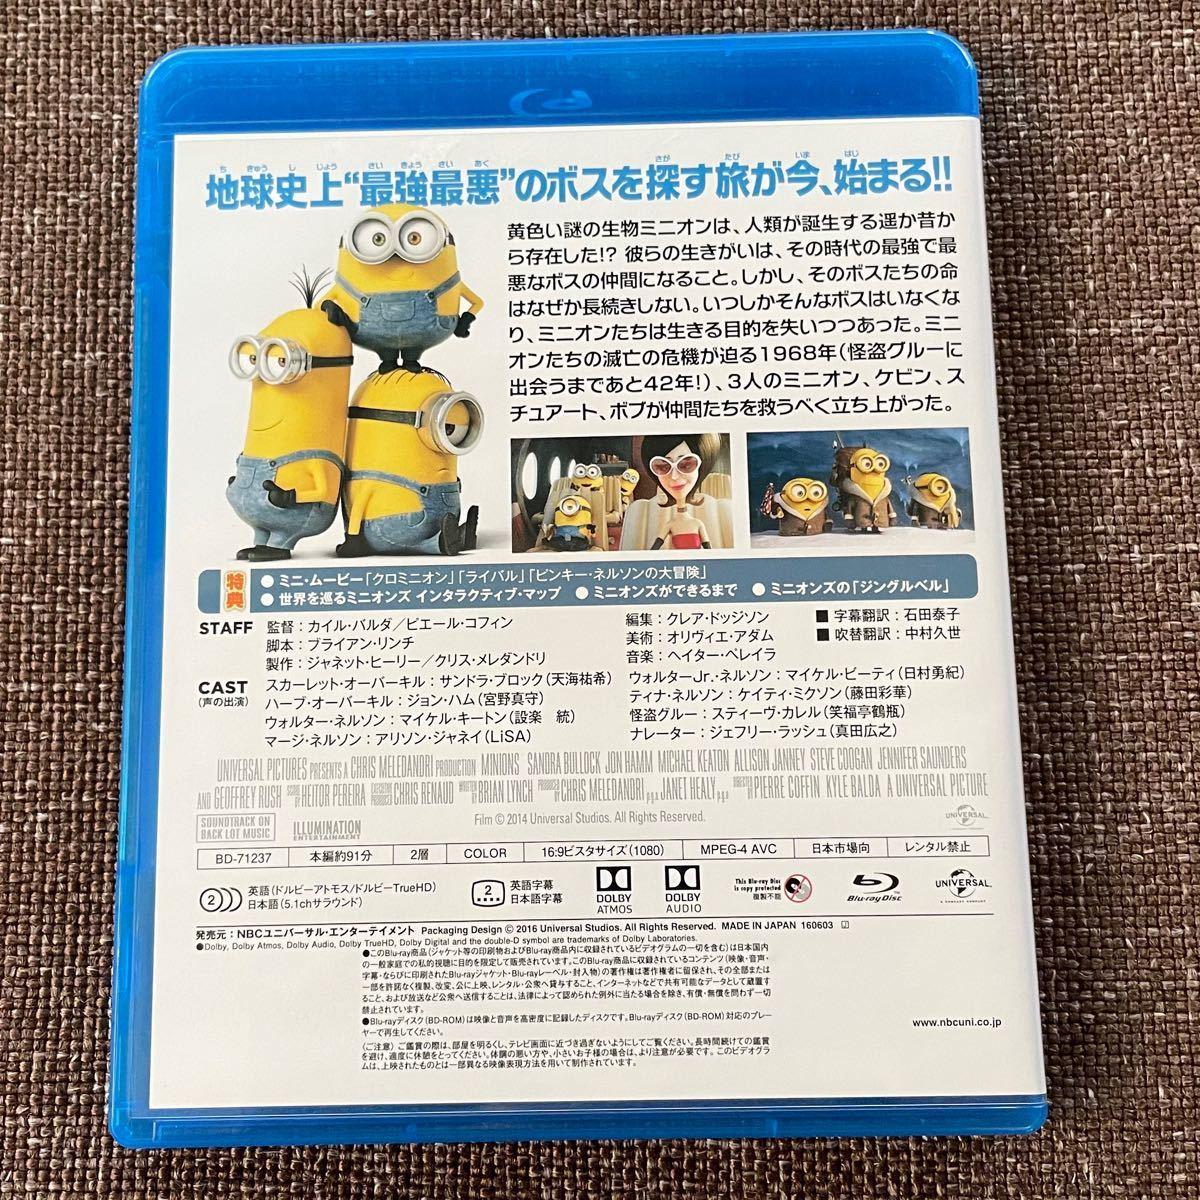 ミニオンズ('15米) ブルーレイ Blu-ray ブルーレイディスク